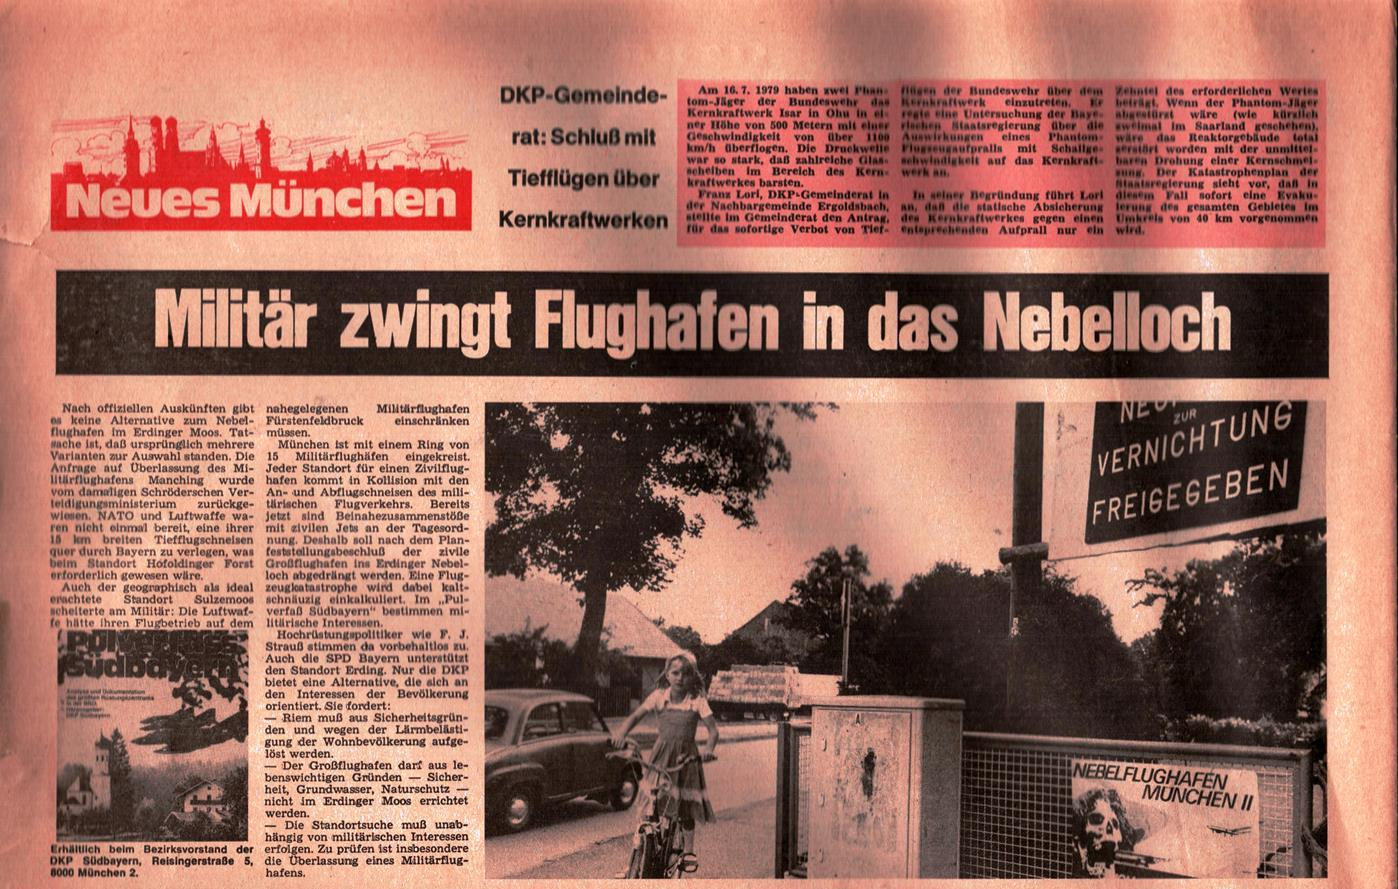 Muenchen_DKP_Neues_Muenchen_19790800_008_007